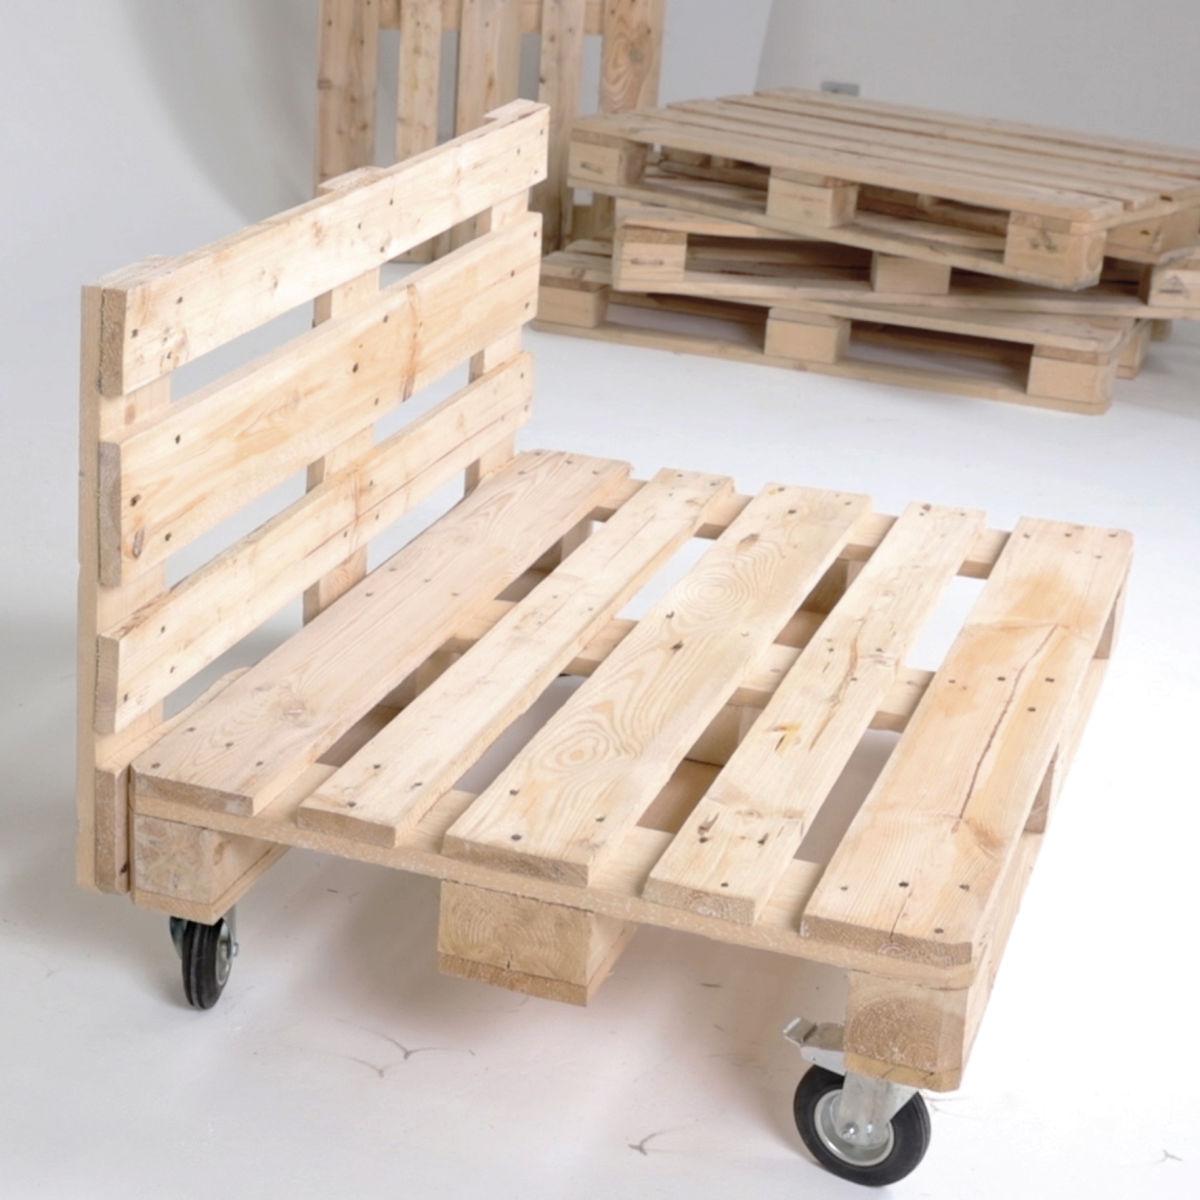 Come costruire un divano con i pallet guide e tutorial leroymerlin - Divano pallet schienale ...